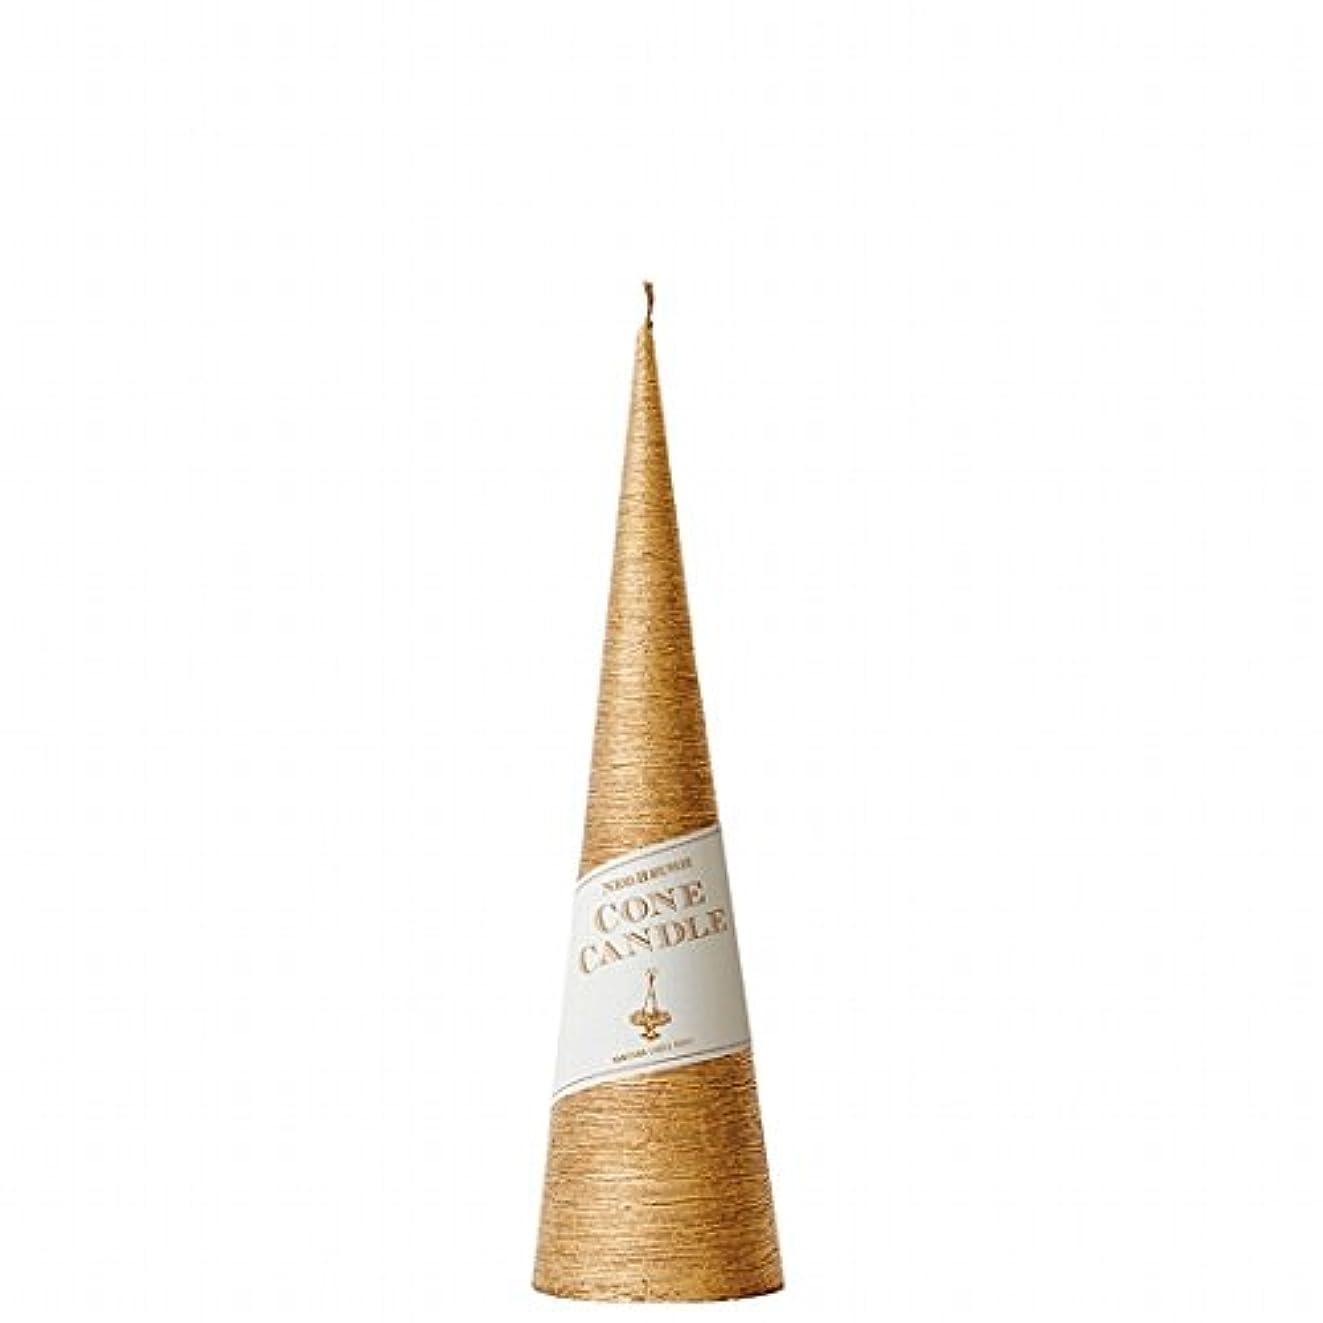 童謡冷蔵庫タップkameyama candle(カメヤマキャンドル) ネオブラッシュコーン 230 キャンドル 「 ゴールド 」 6個セット(A9750120GO)